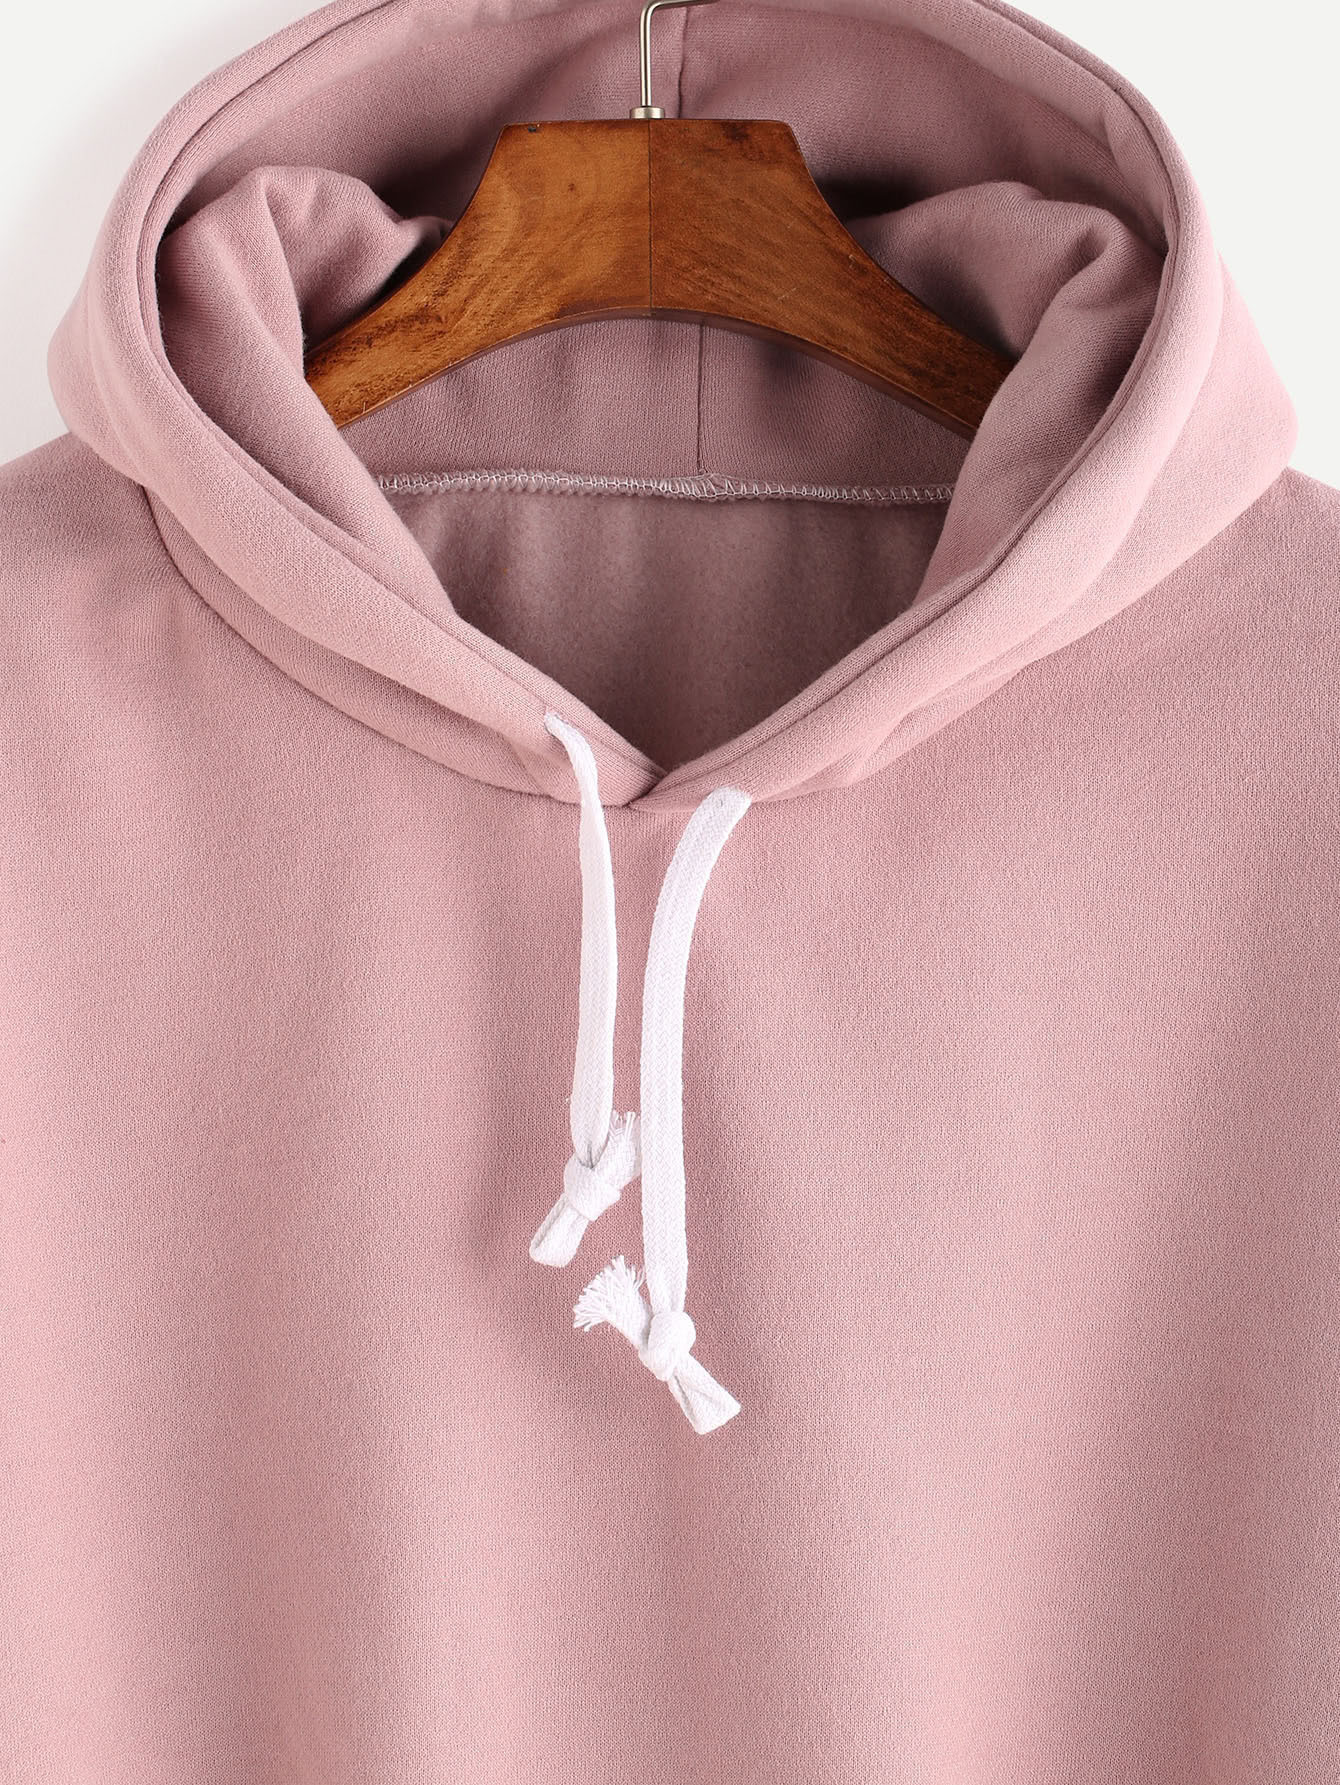 sweatshirt170103001_2